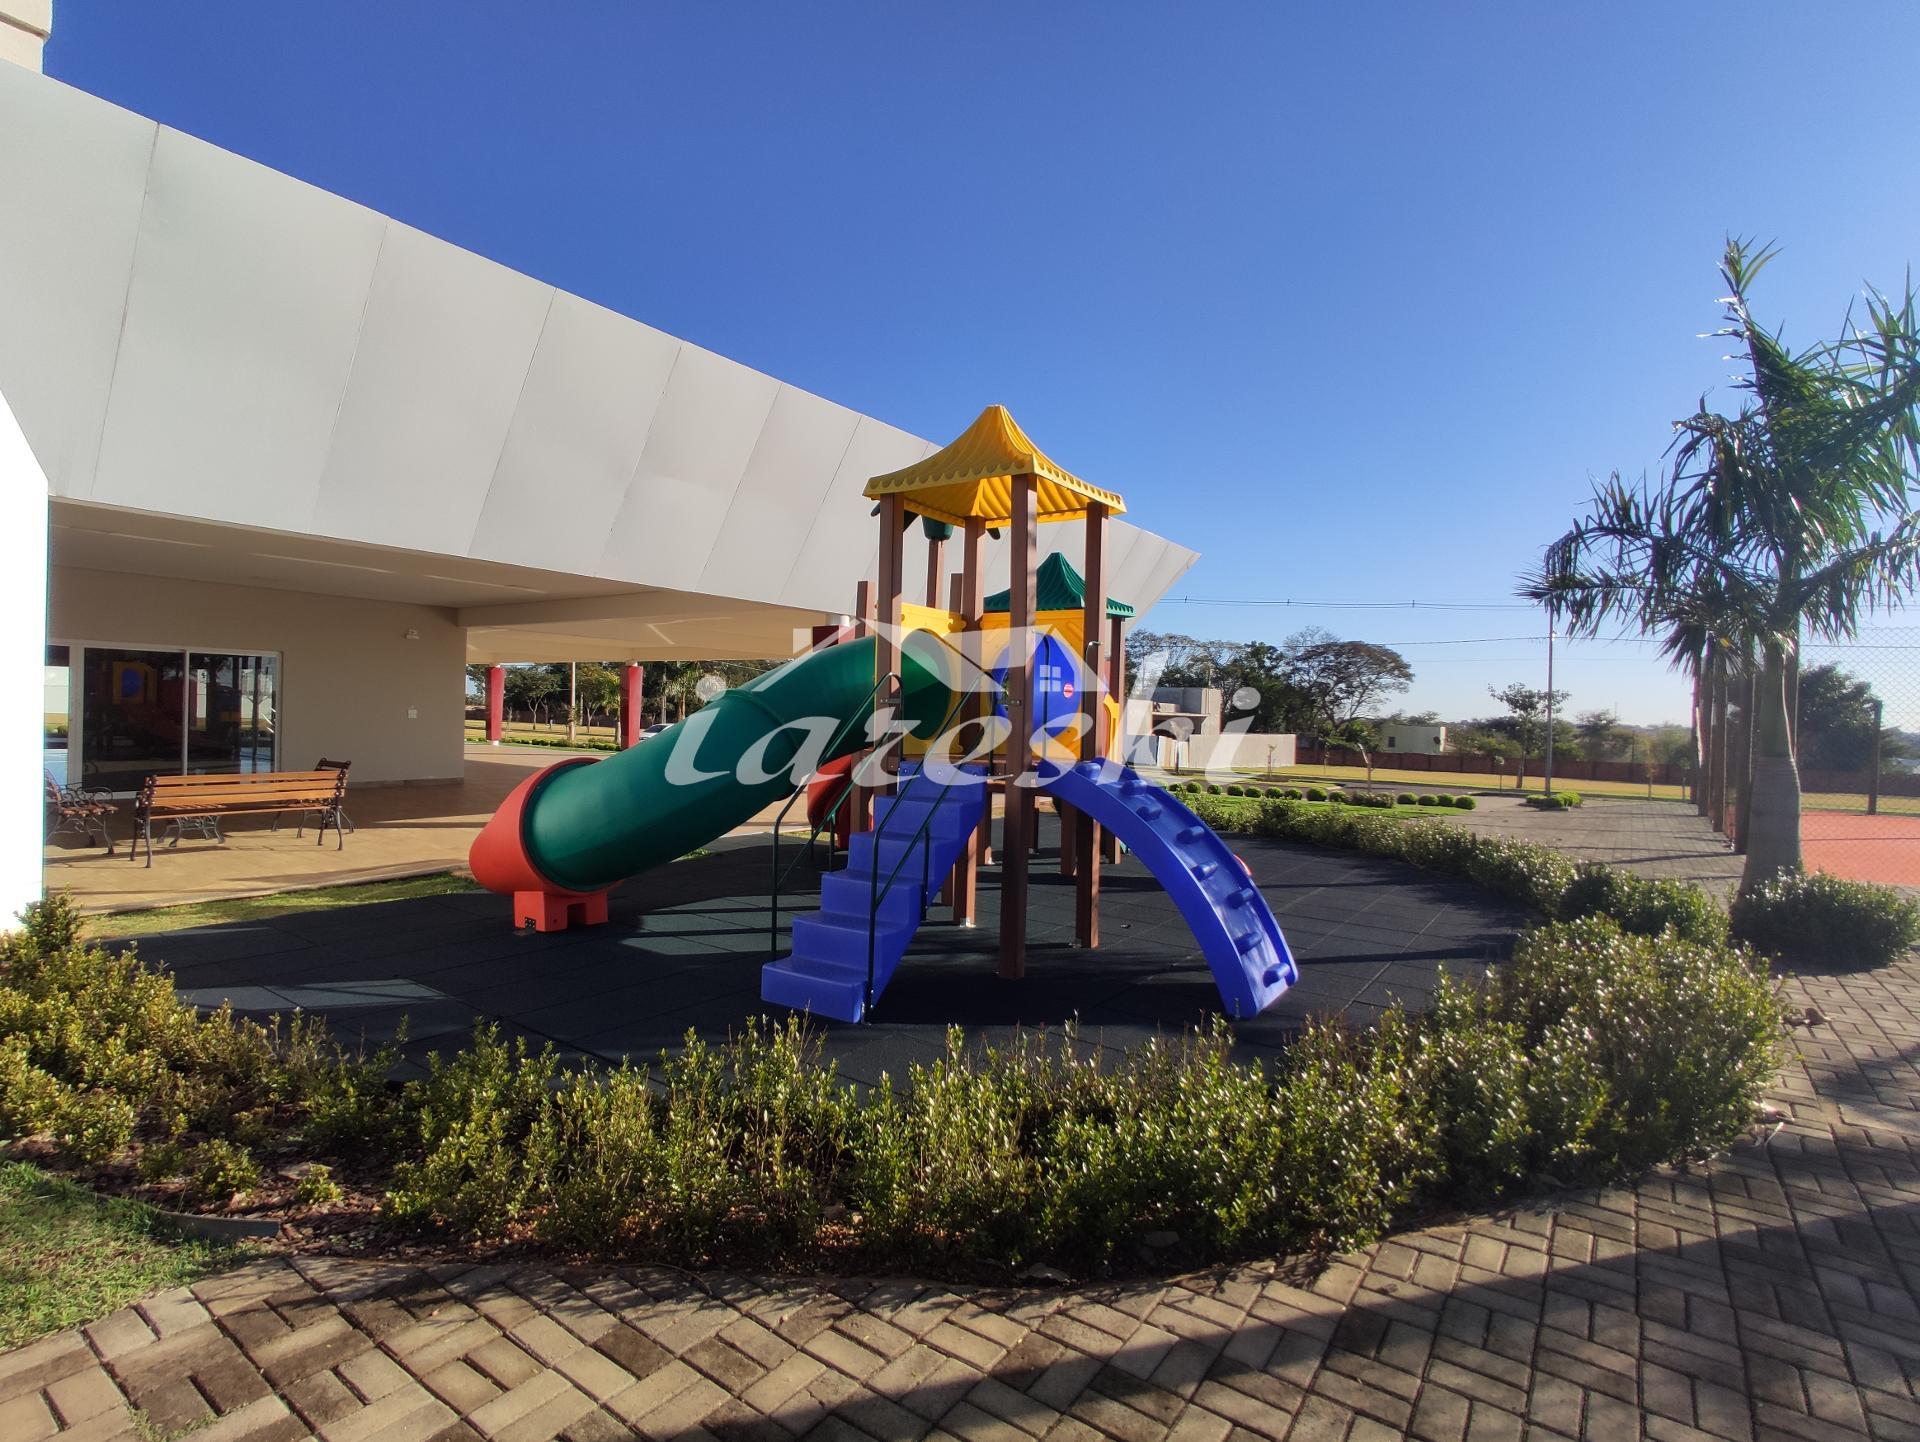 Terreno com 660m² à venda no condomínio reserva do iguaçu em Foz do Iguaçu/PR